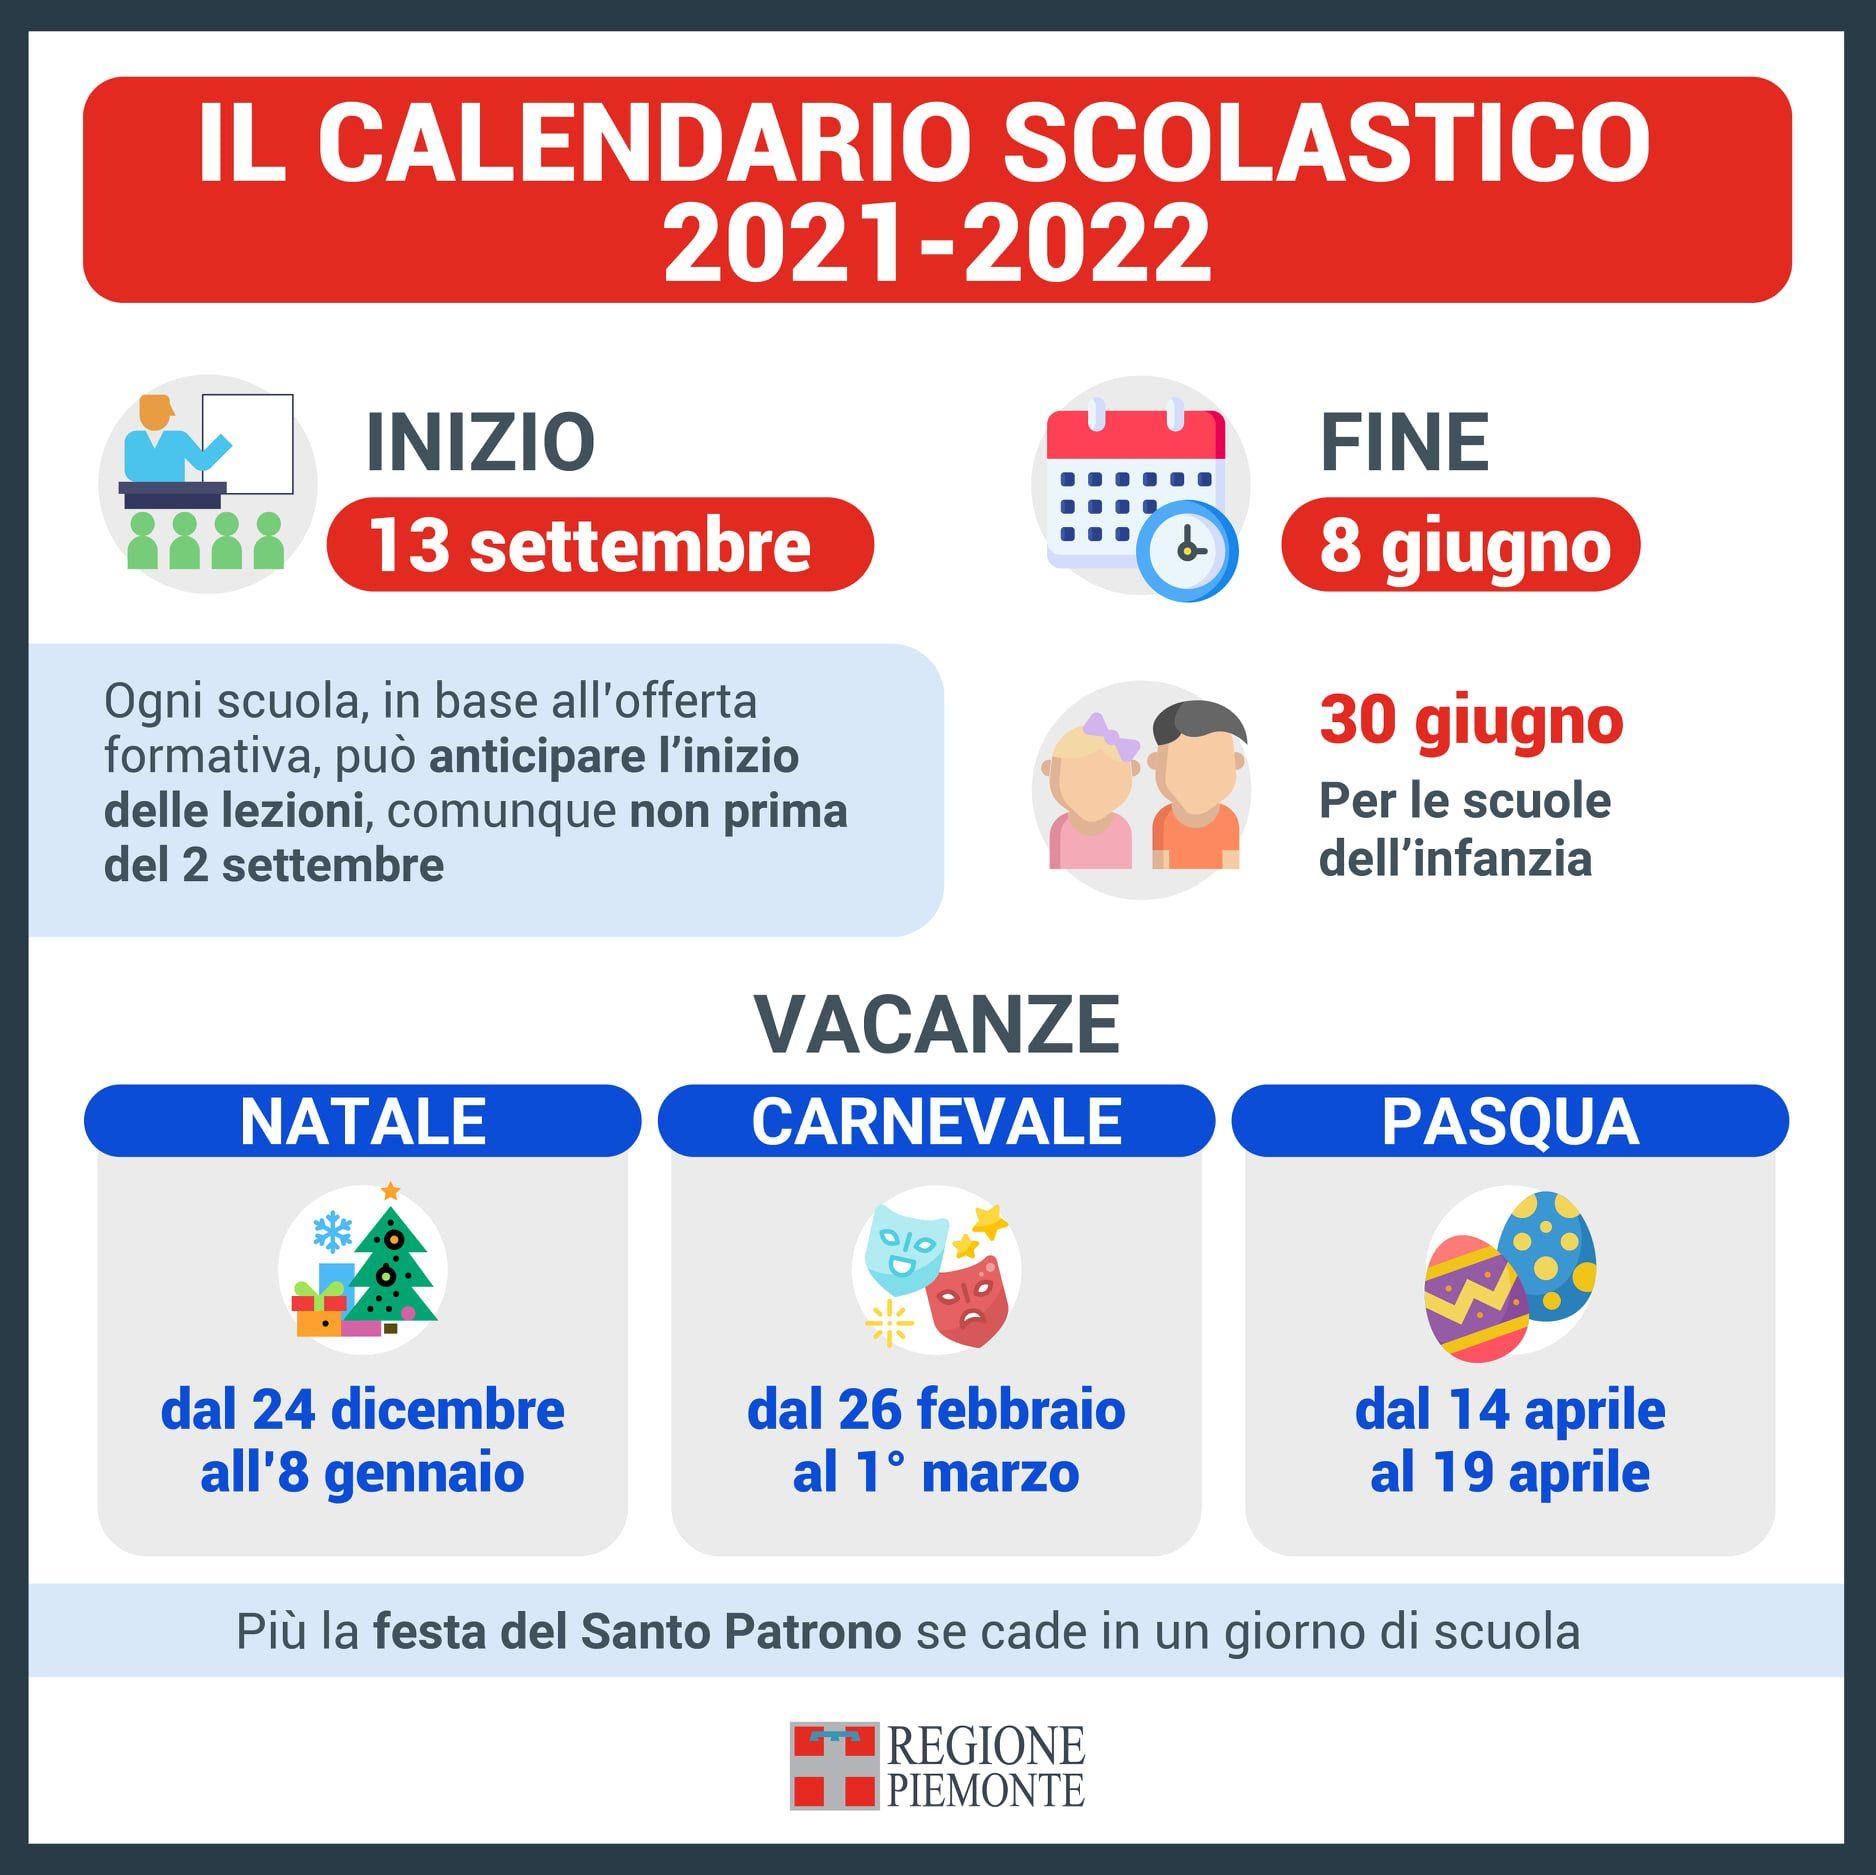 SCUOLA - Ecco il calendario del prossimo scolastico: si parte lunedì 13 settembre